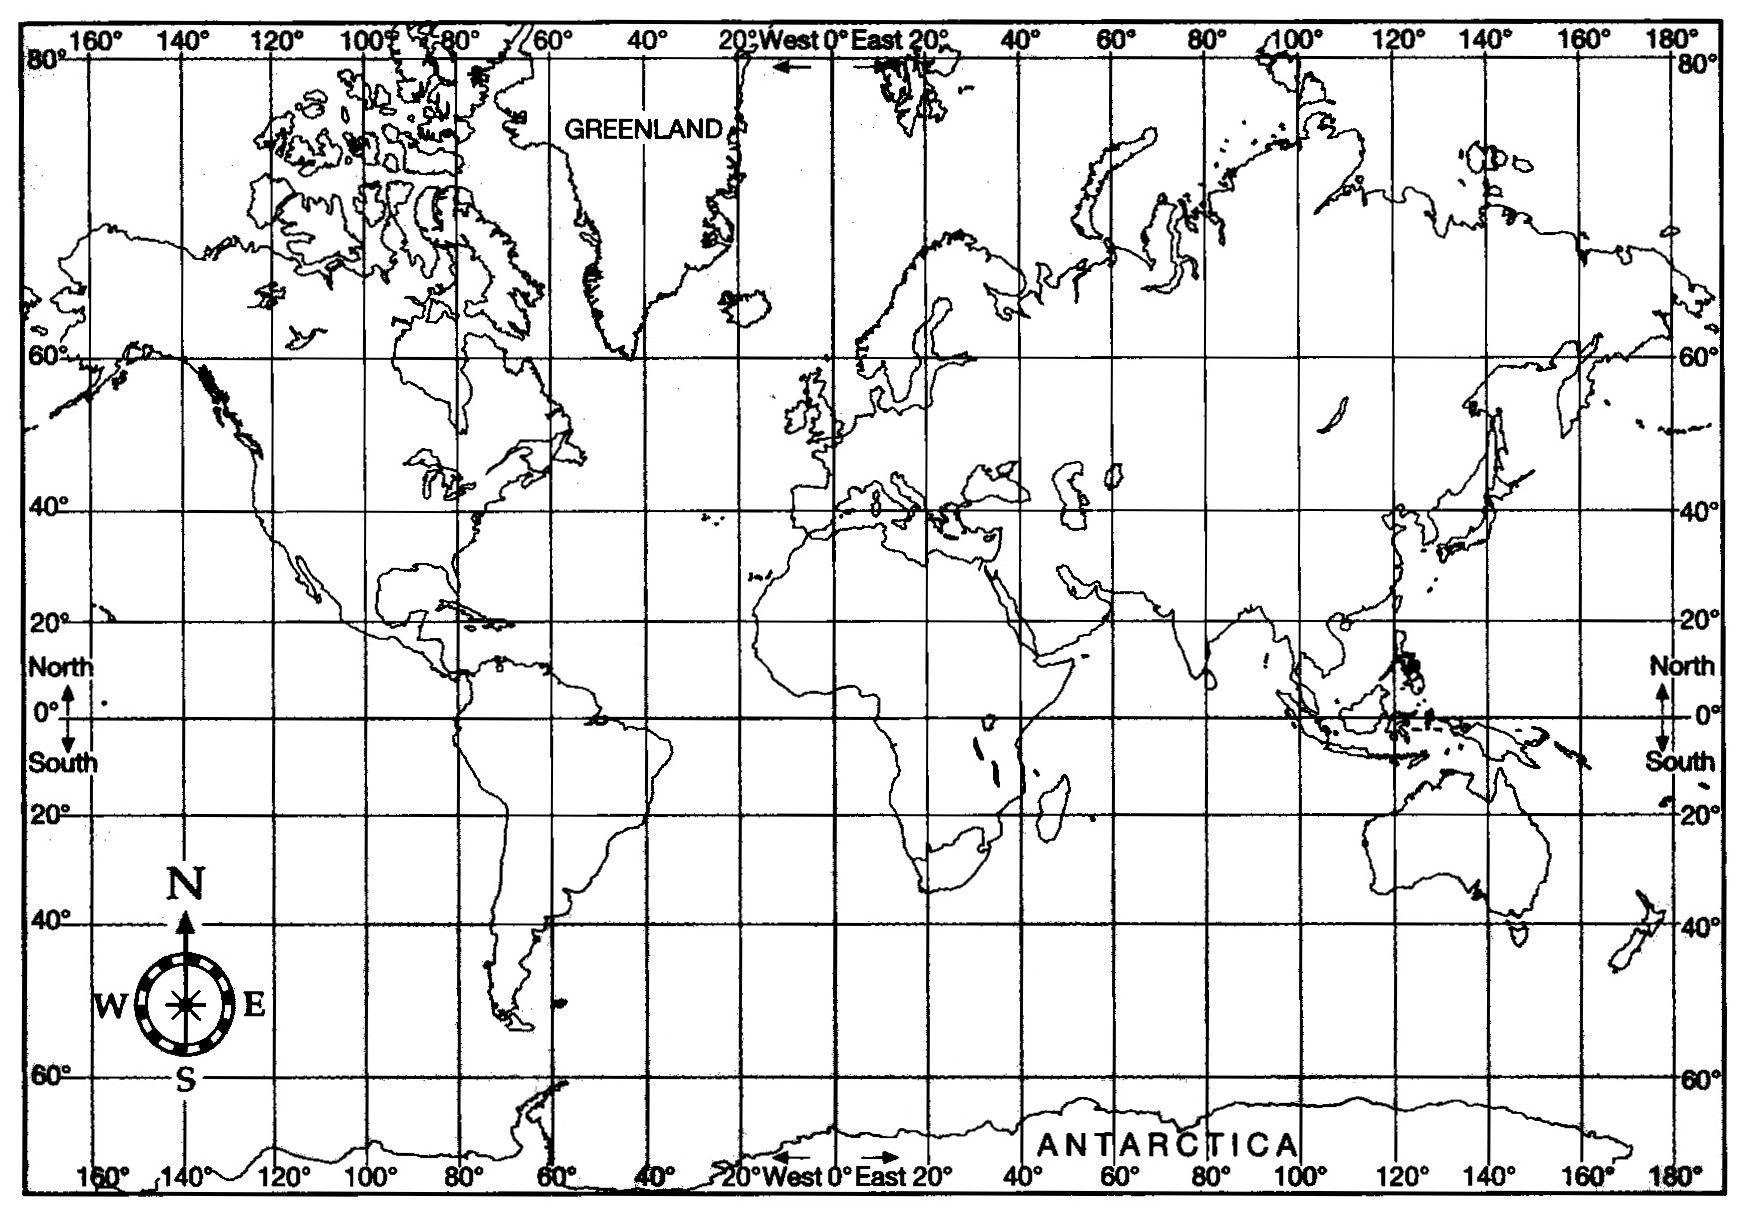 World Map With Latitude And Longitude Pdf World Map Latitude Longitude Pdf Inspirationa With And | World map